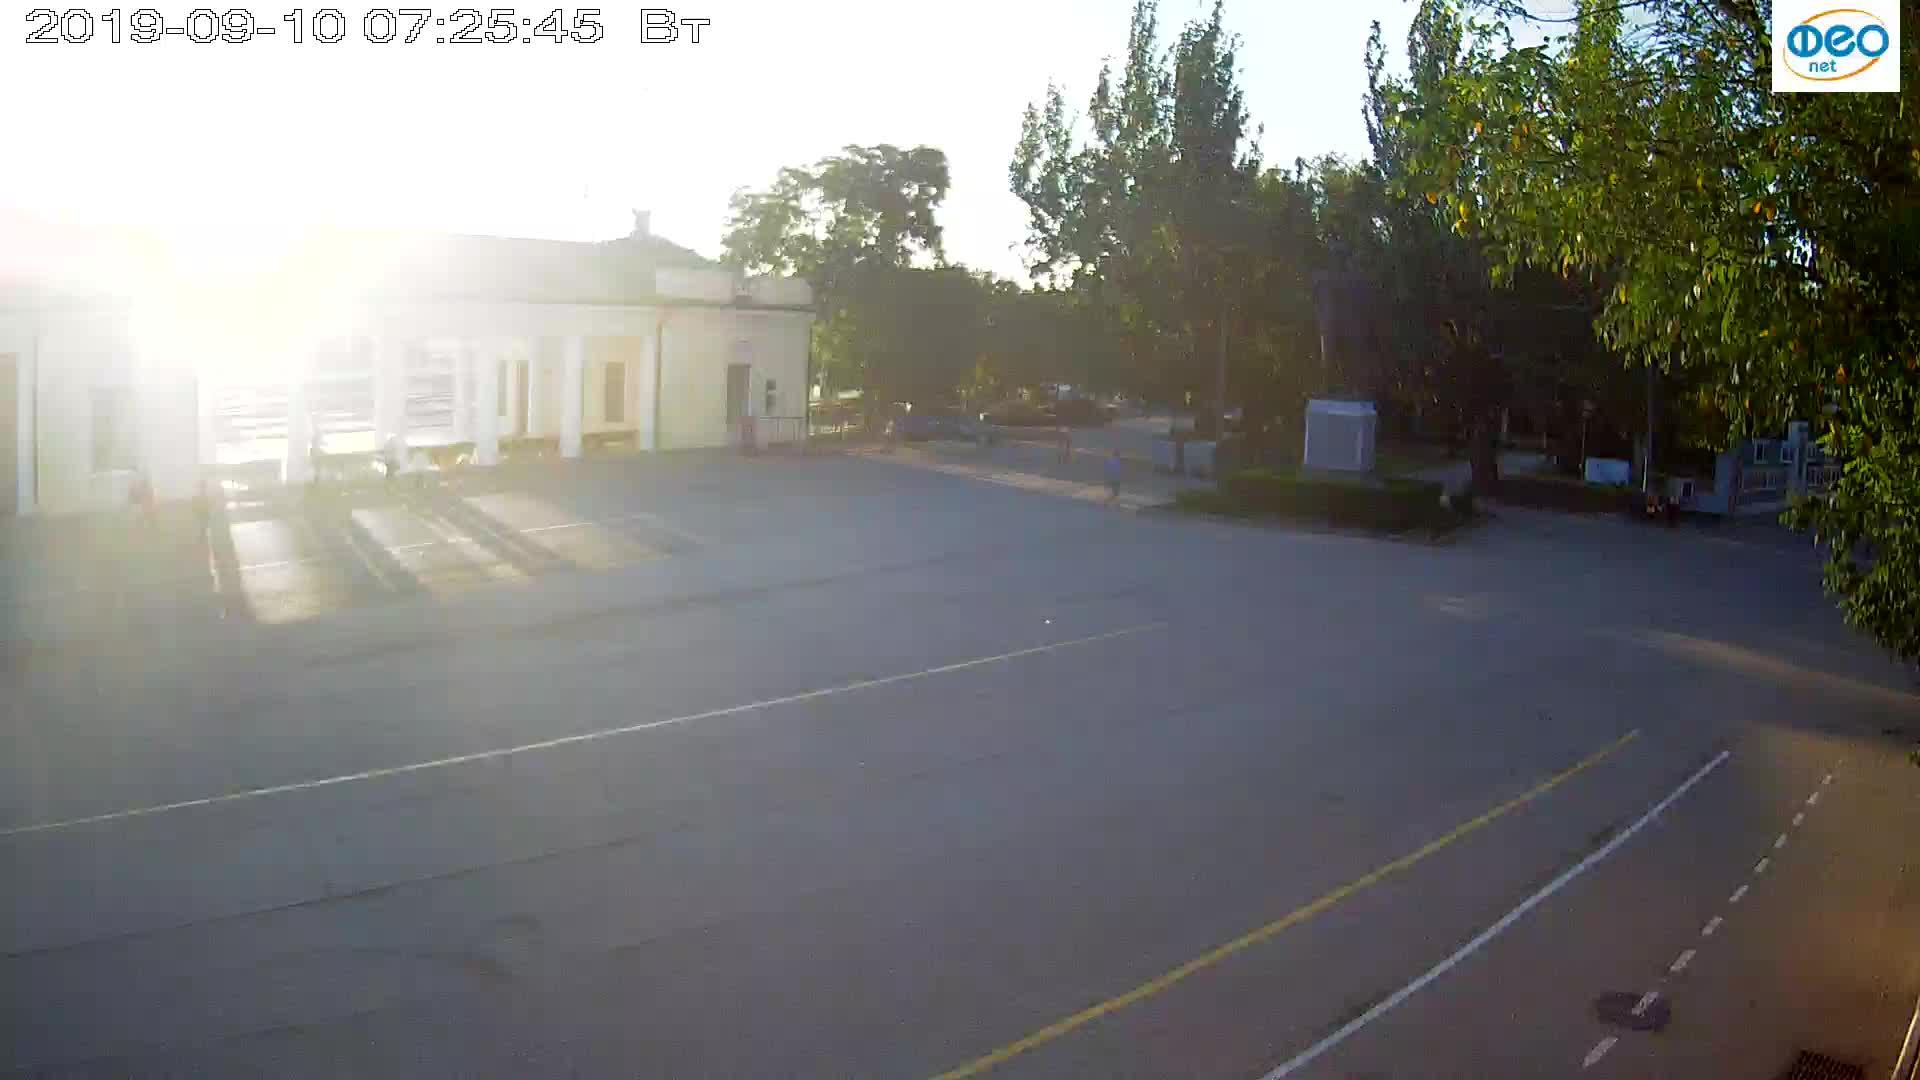 Веб-камеры Феодосии, Привокзальная площадь 2, 2019-09-10 07:13:11